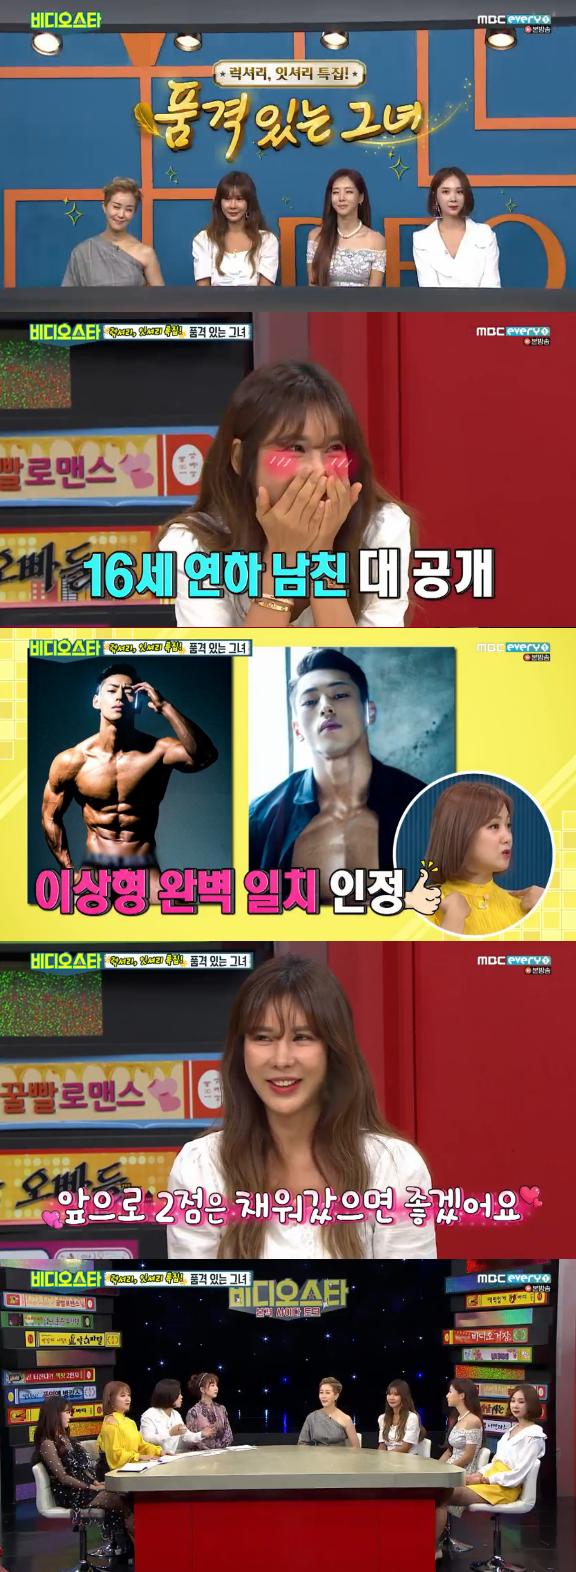 [SS리뷰] `비스` 김준희가 처음 밝힌 #16세 연하 #러브스토리